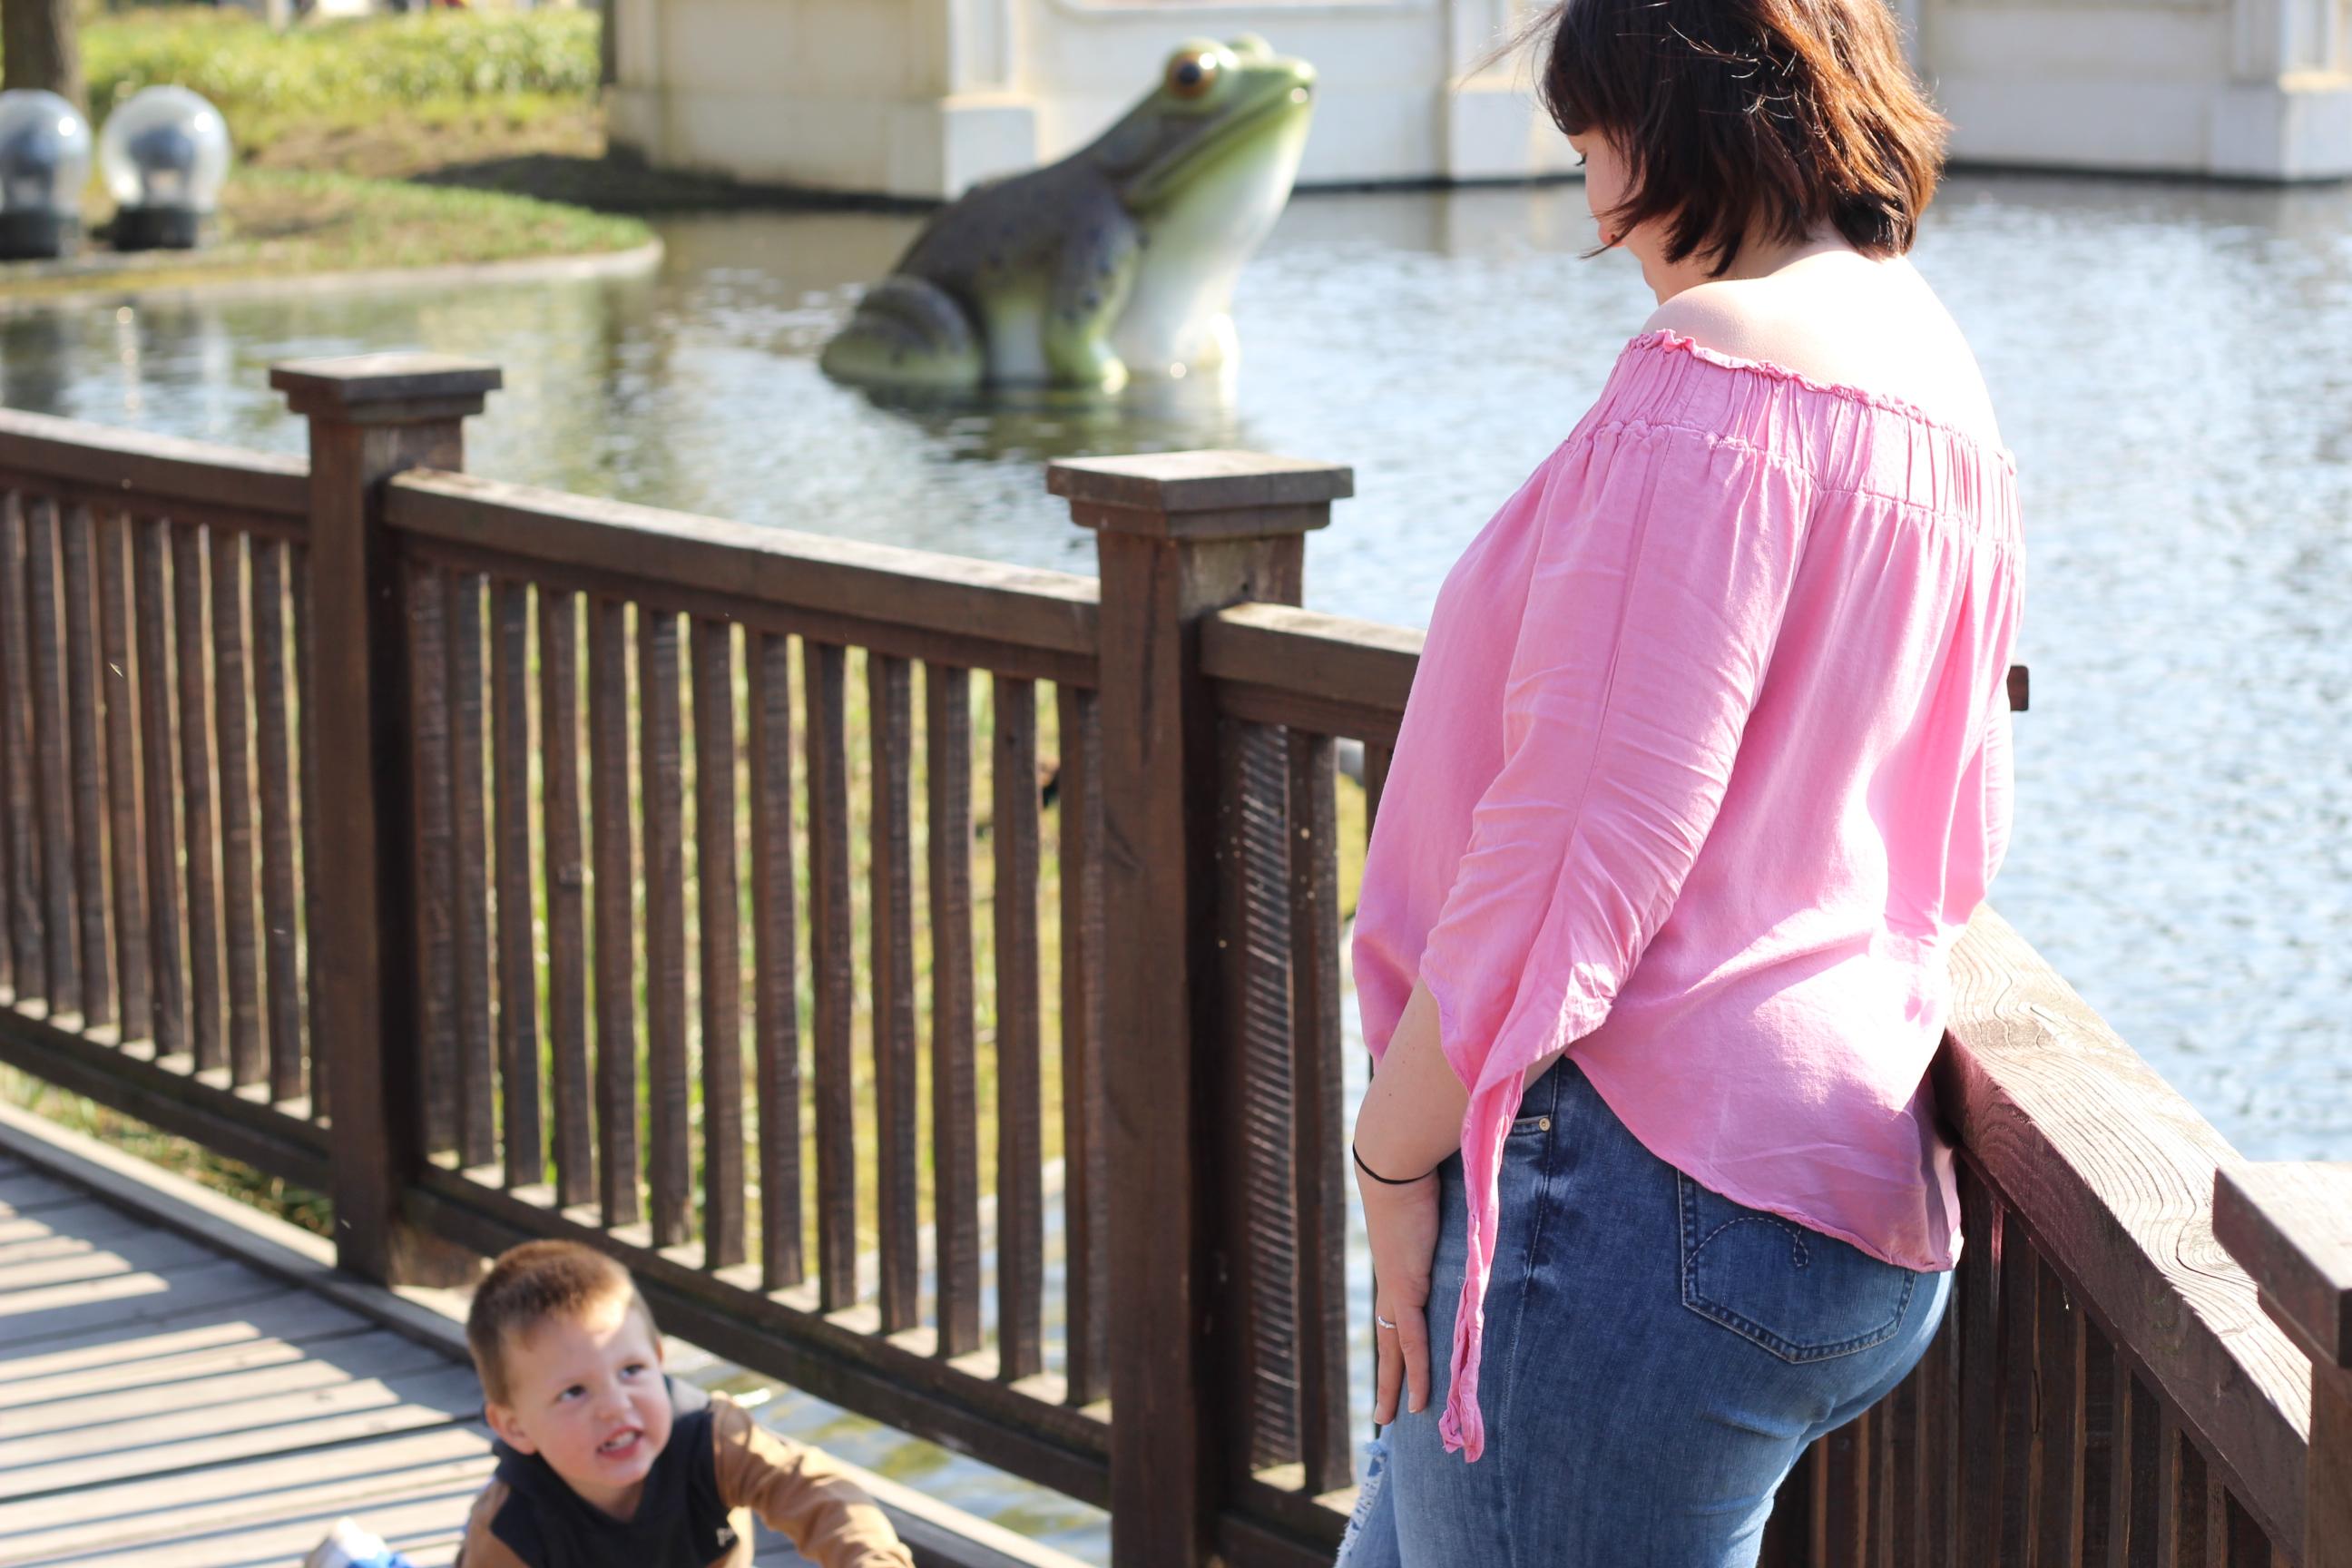 Abnehmen nach der Schwangerschaft? Gar nicht so einfach oder? Mit den richtigen Tricks schon!